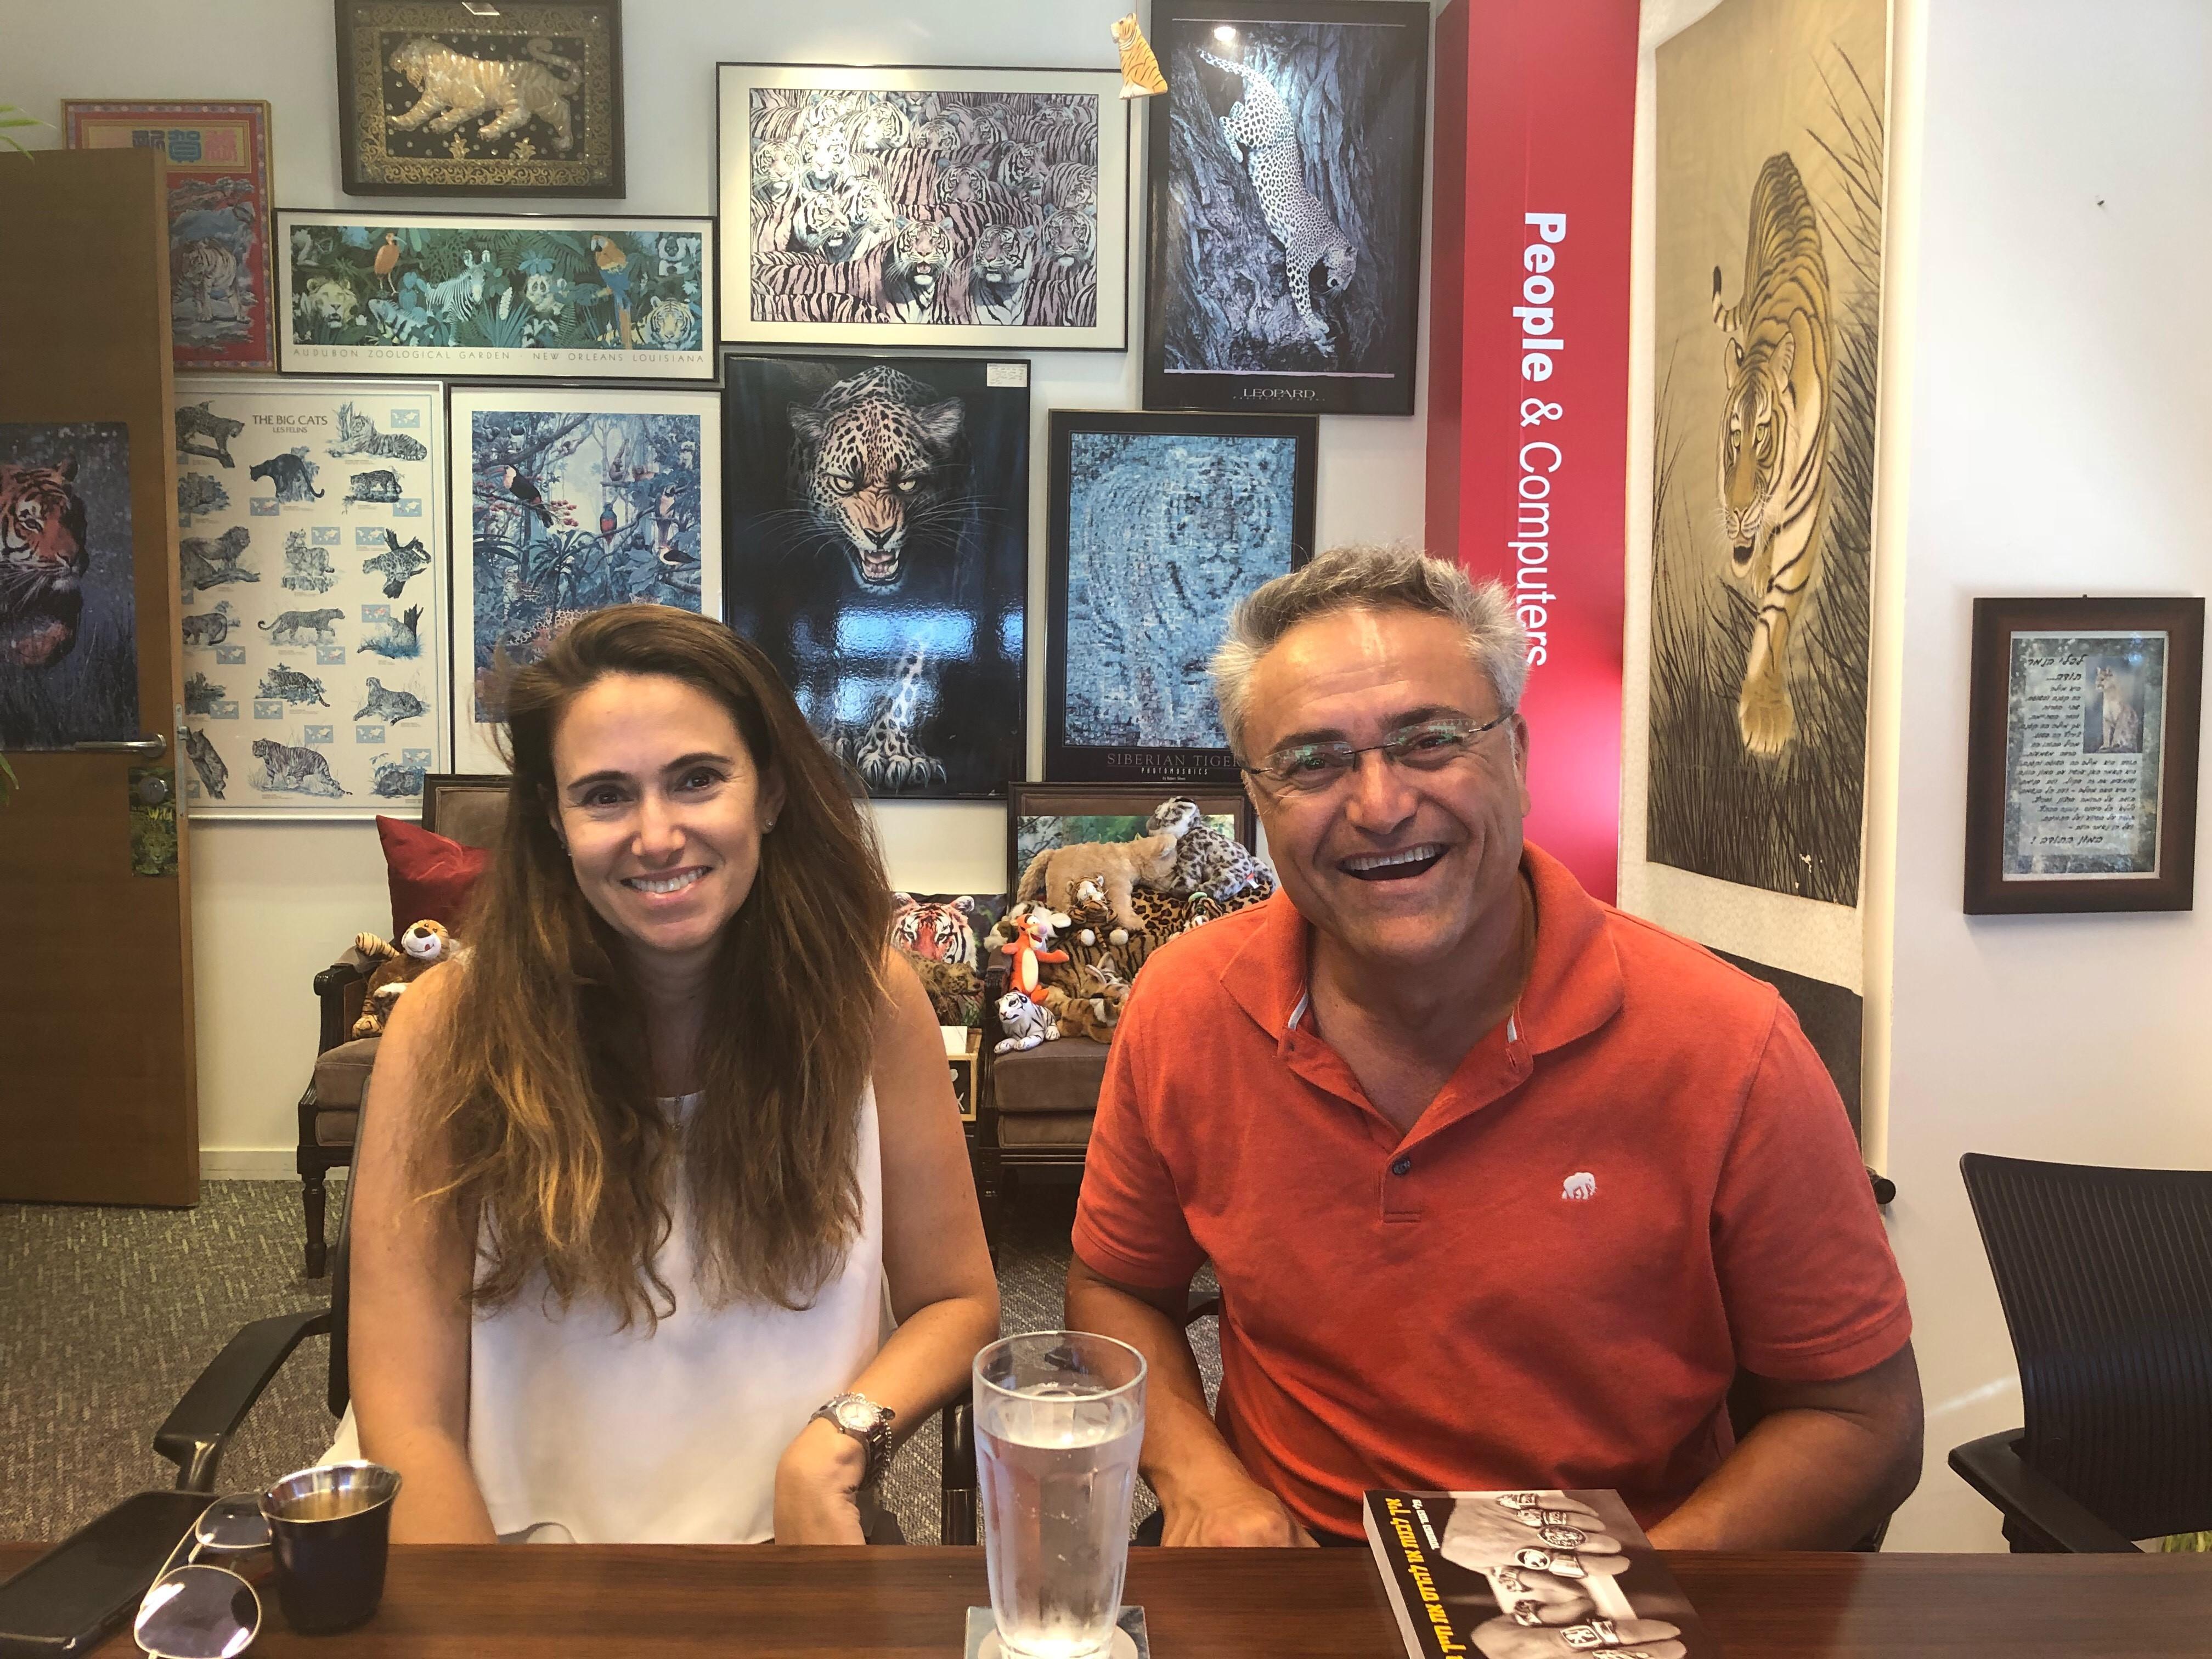 באו לבקר במאורת הנמר: אבי לובטון, מנהל דסק אסיה ברשות החדשנות, ושירלי רפואה, מנהלת קרן סינגפור-ישראל. צילום: בן פלד